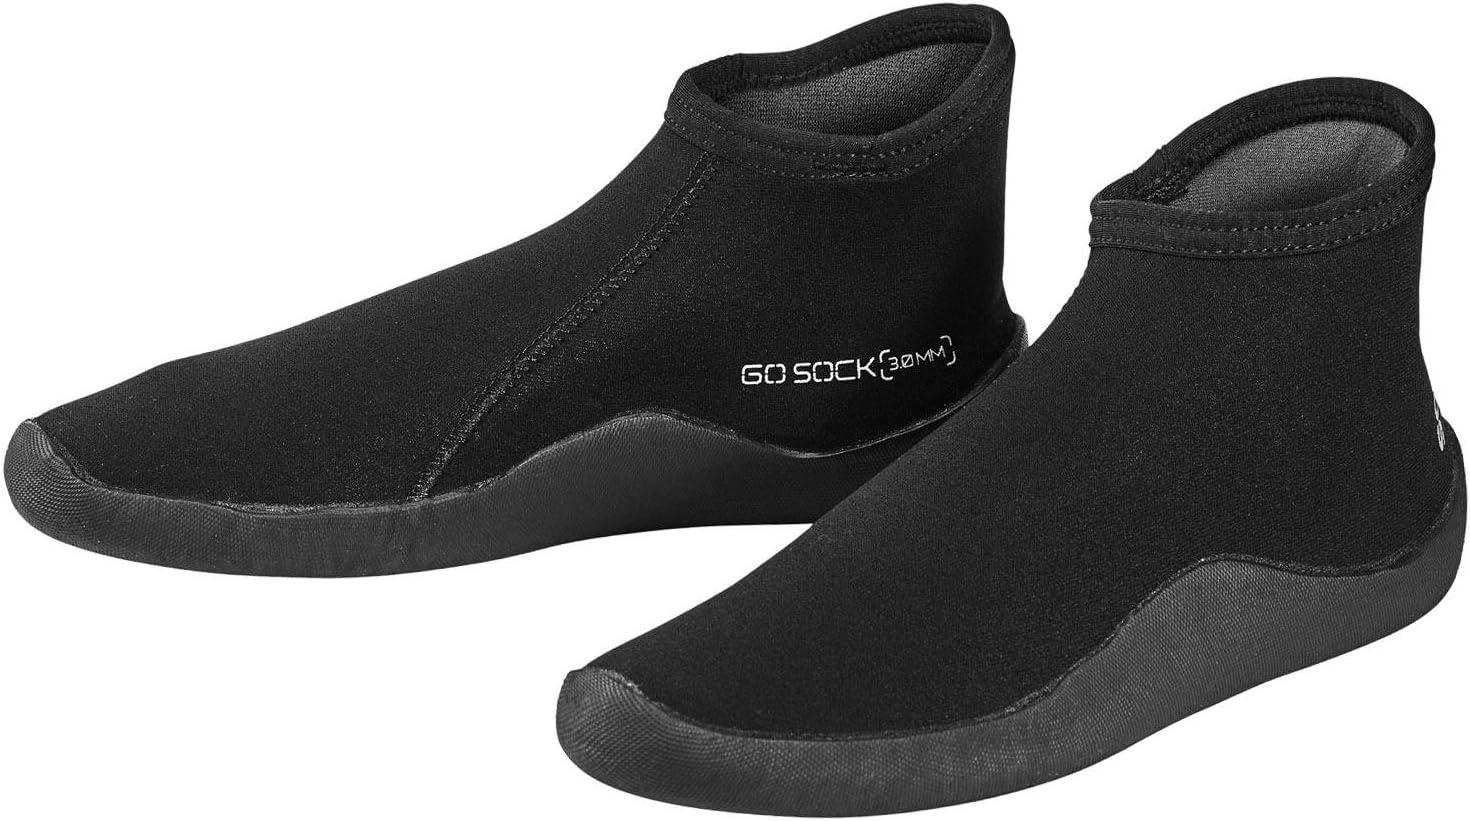 Neoprensocke mit Laufsohle Scubapro Go Socks 3mm